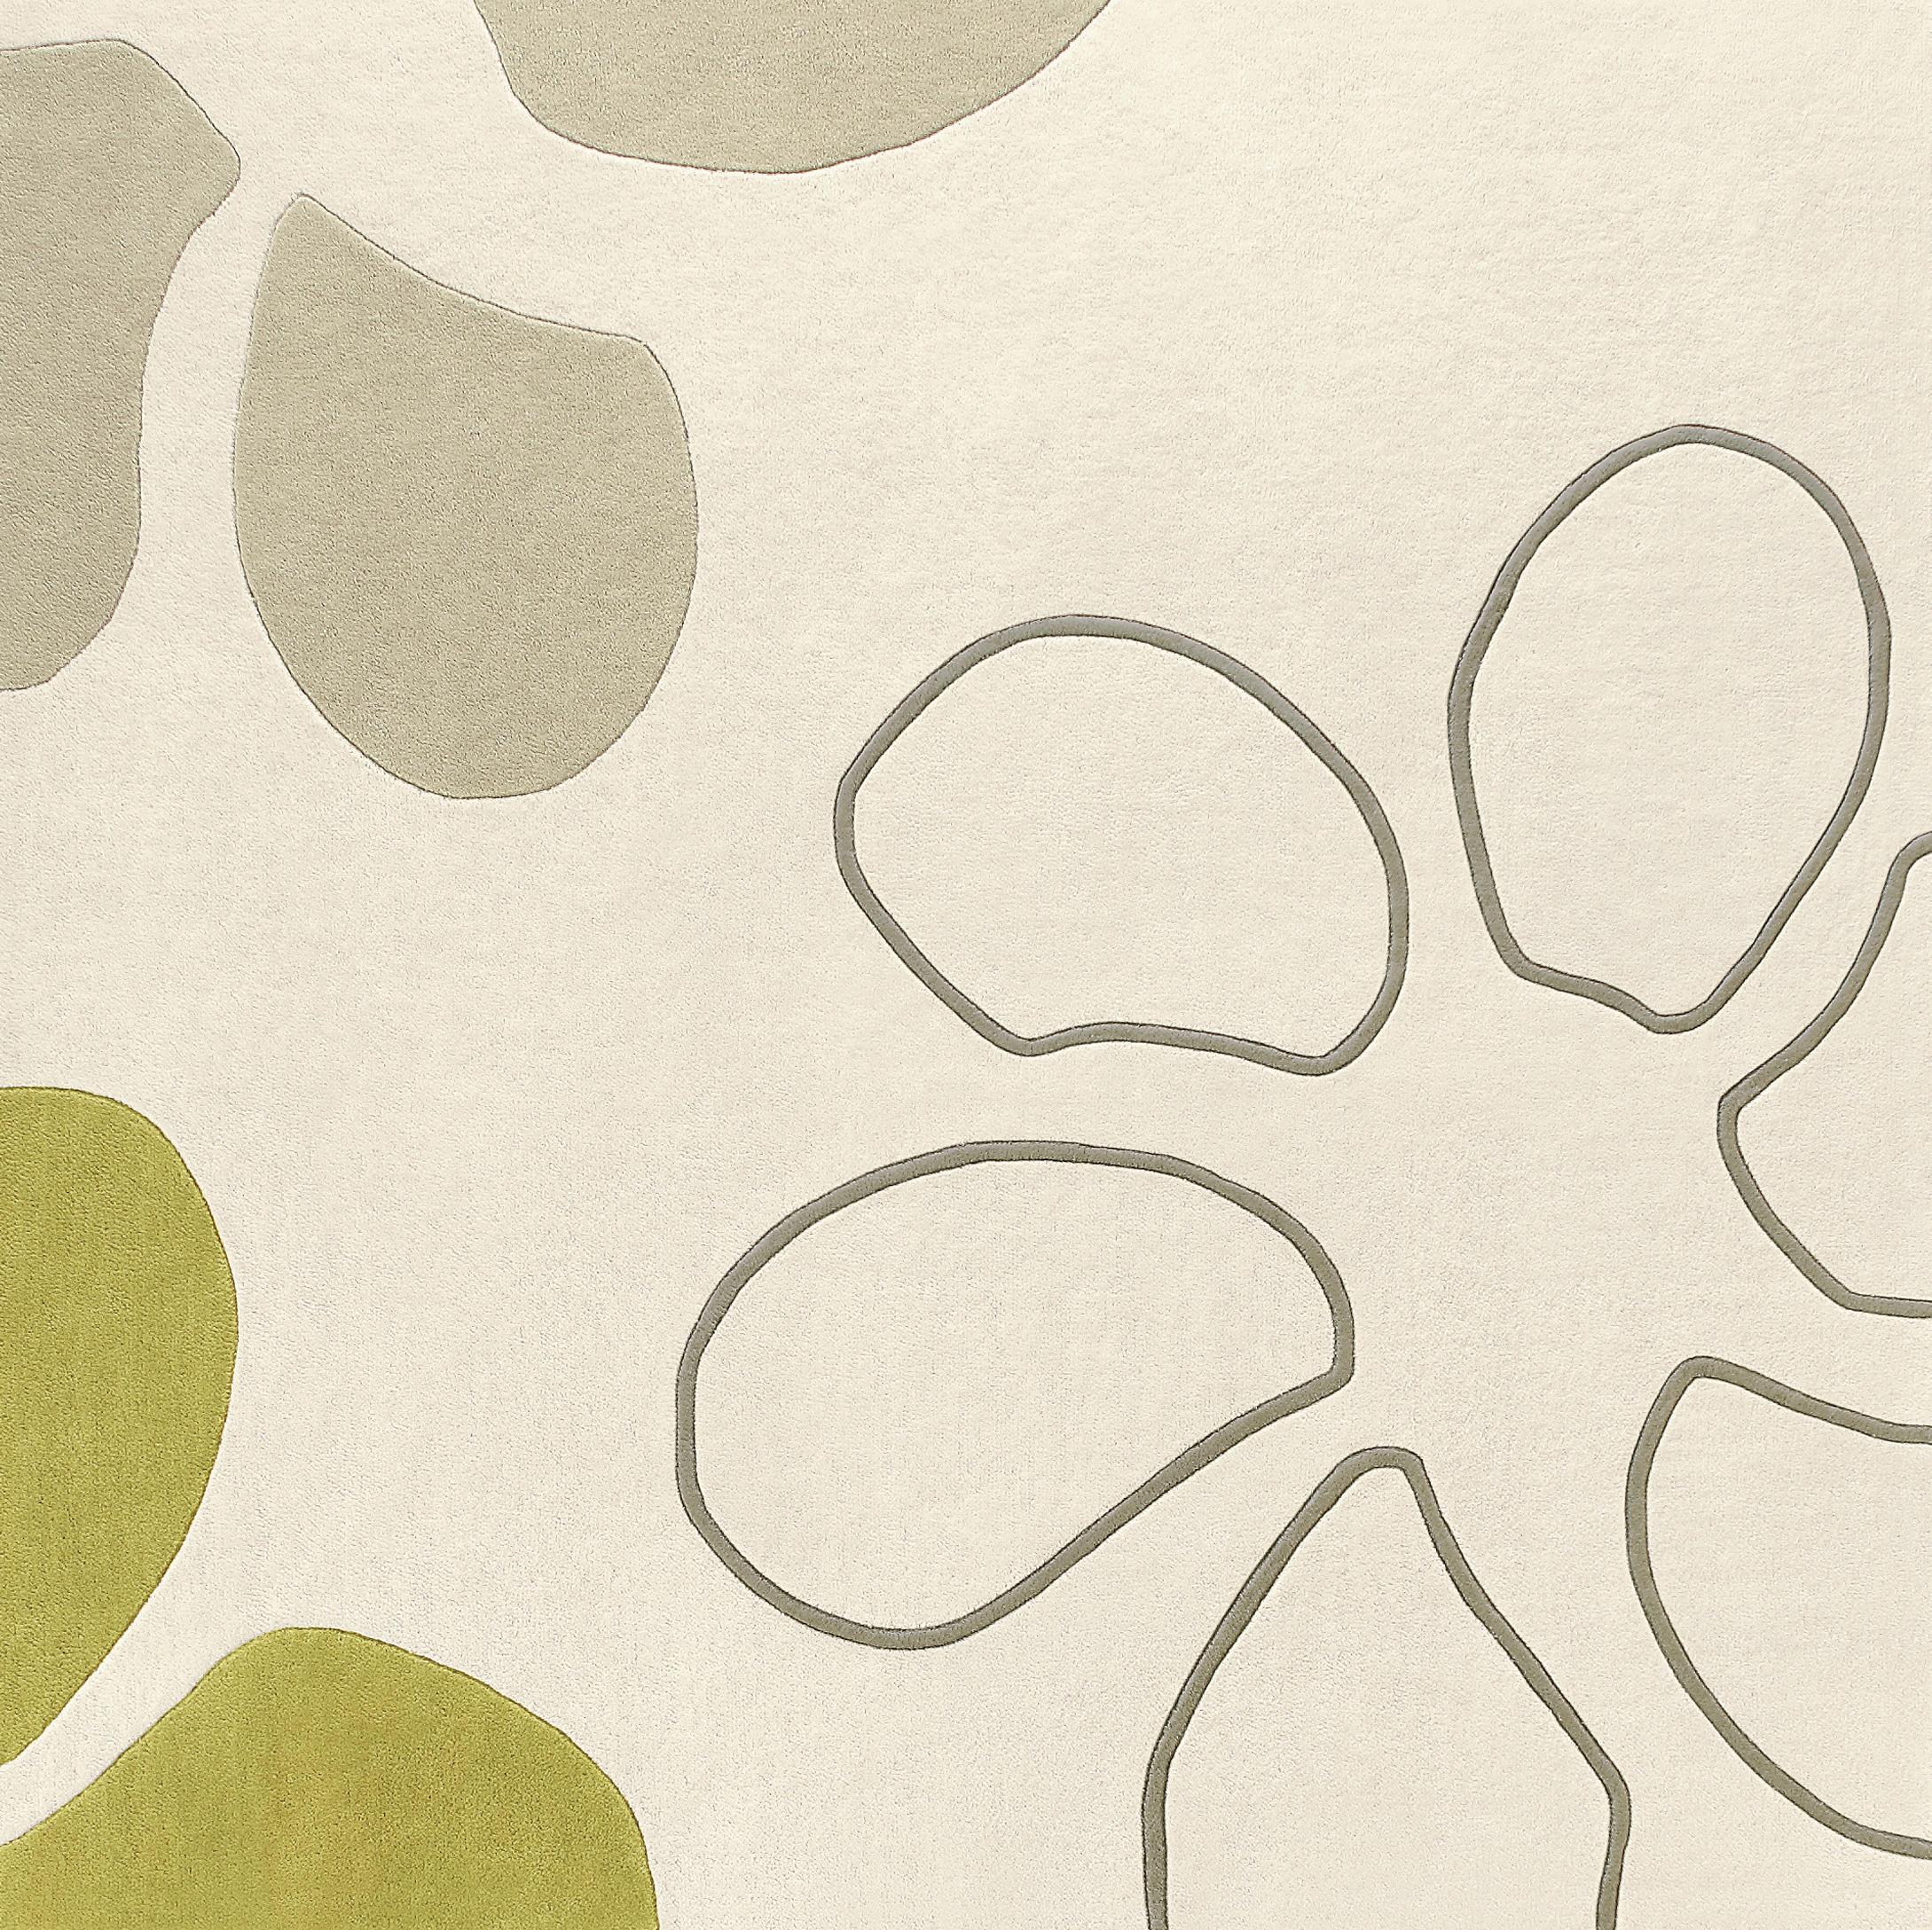 marla 0014 formatteppiche designerteppiche von kinnasand architonic. Black Bedroom Furniture Sets. Home Design Ideas